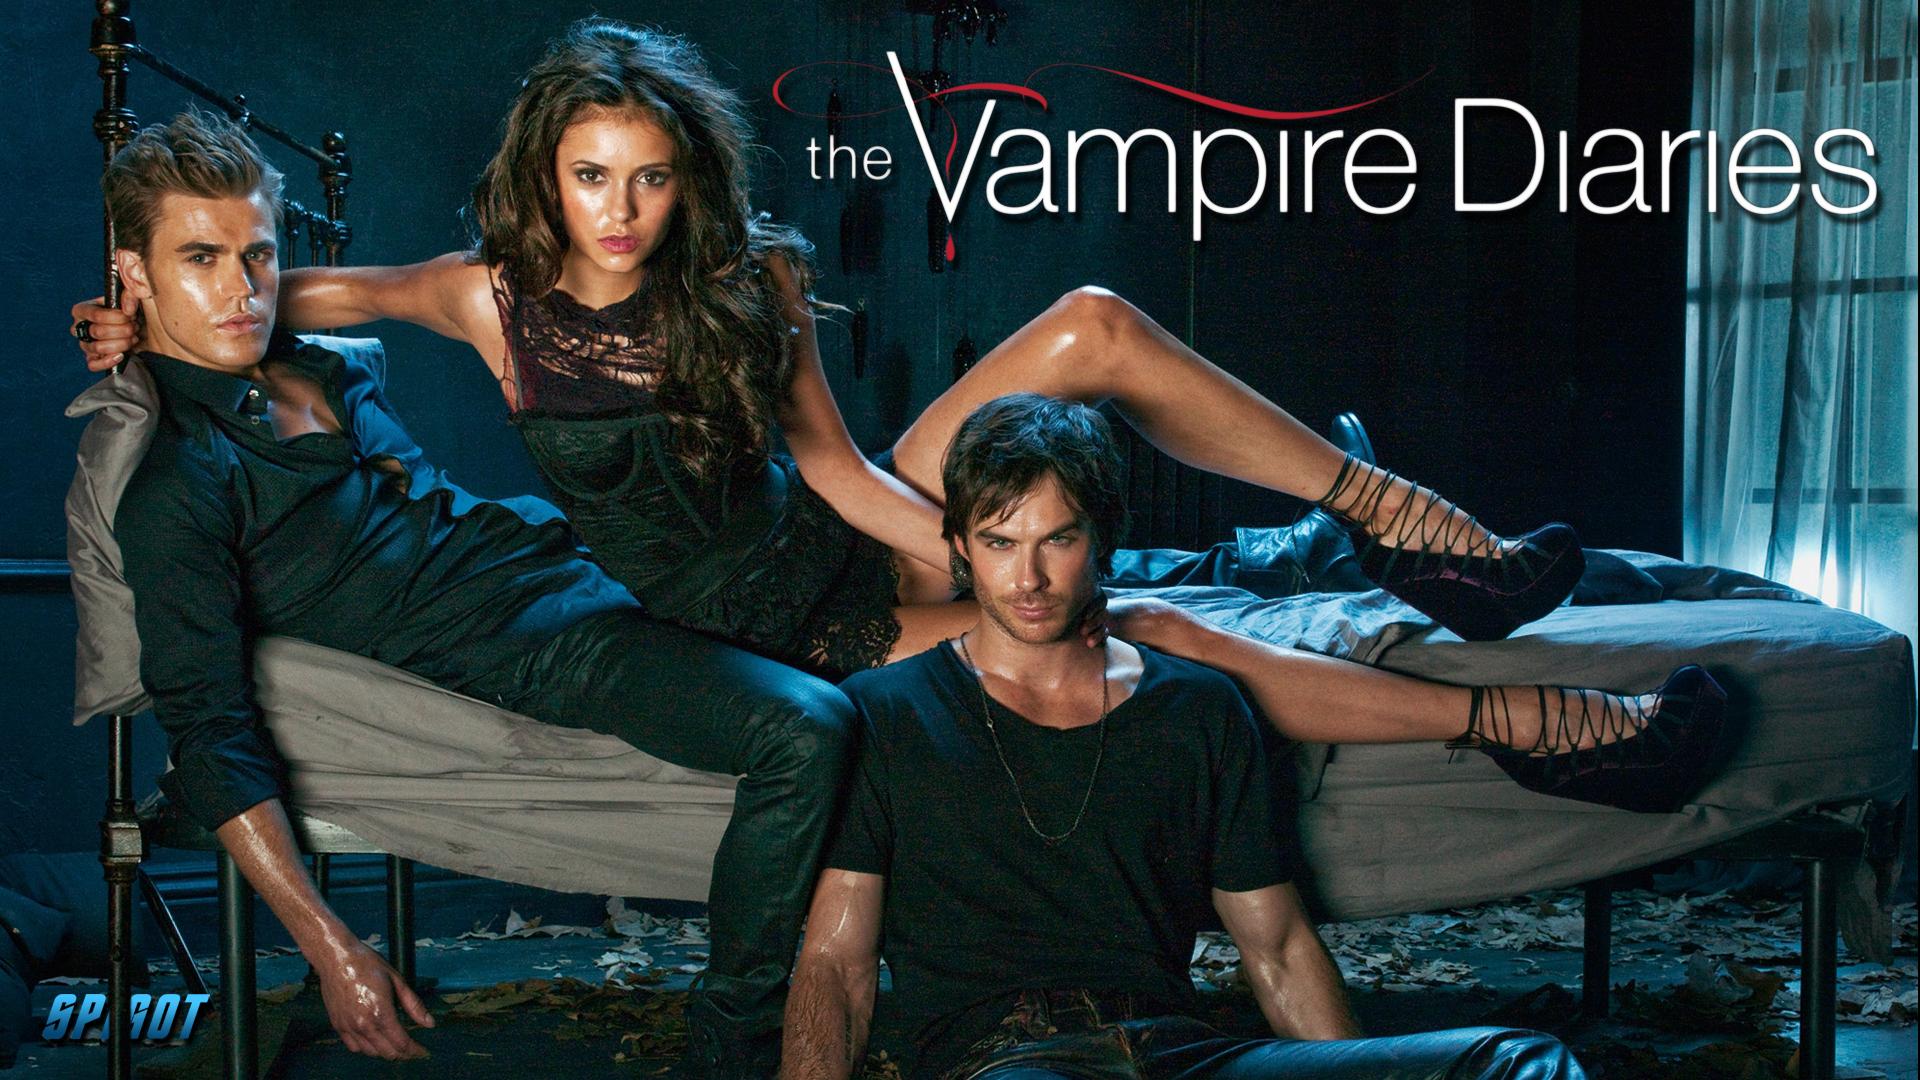 The Vampire Diaries Season 1 1080p 23